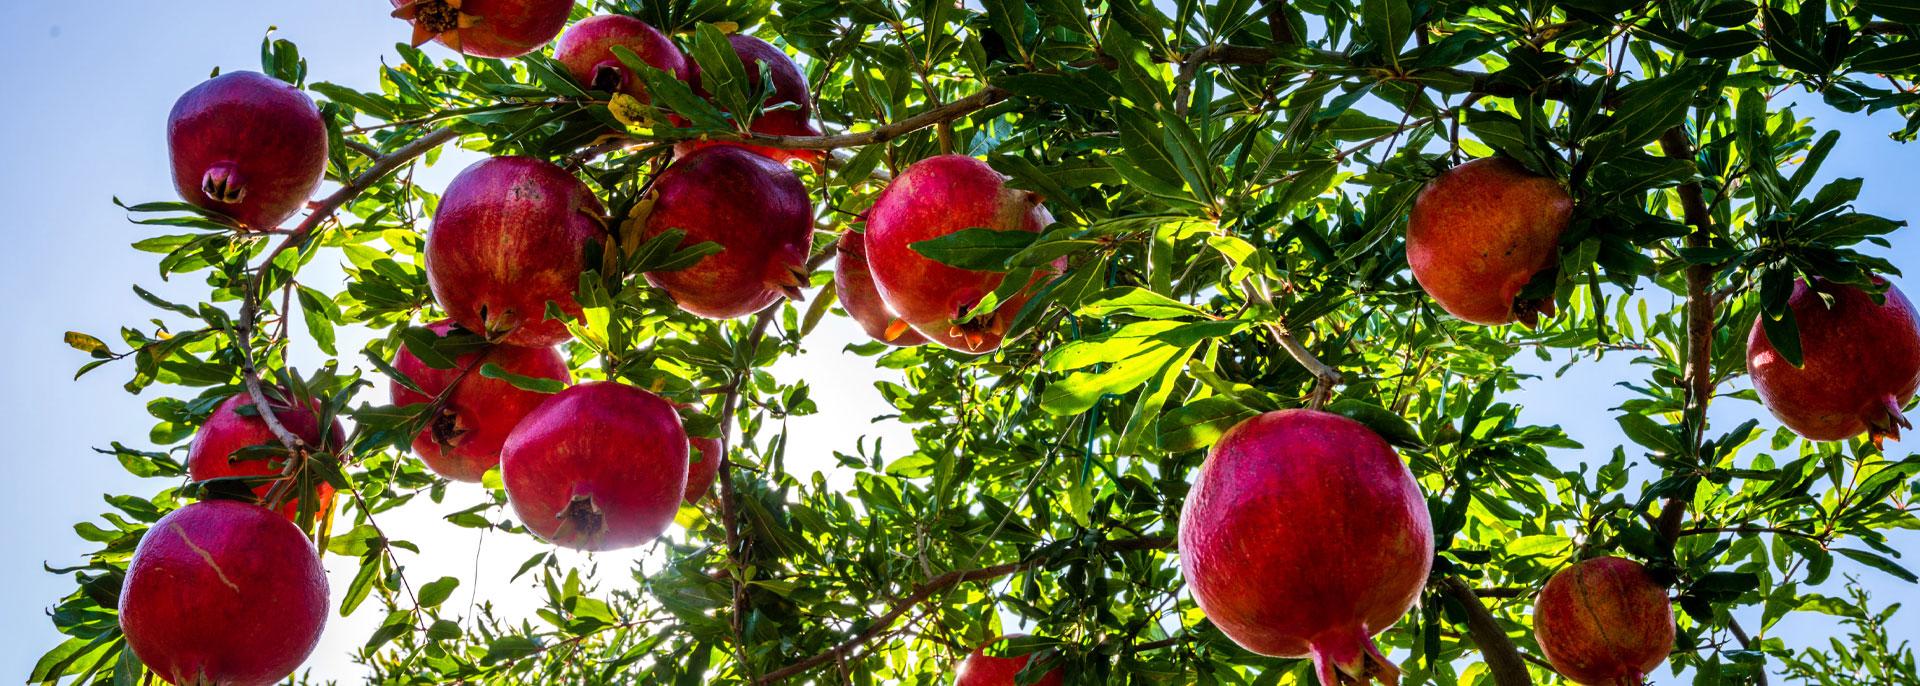 Φωτογραδία Δέντρου Ροδιάς